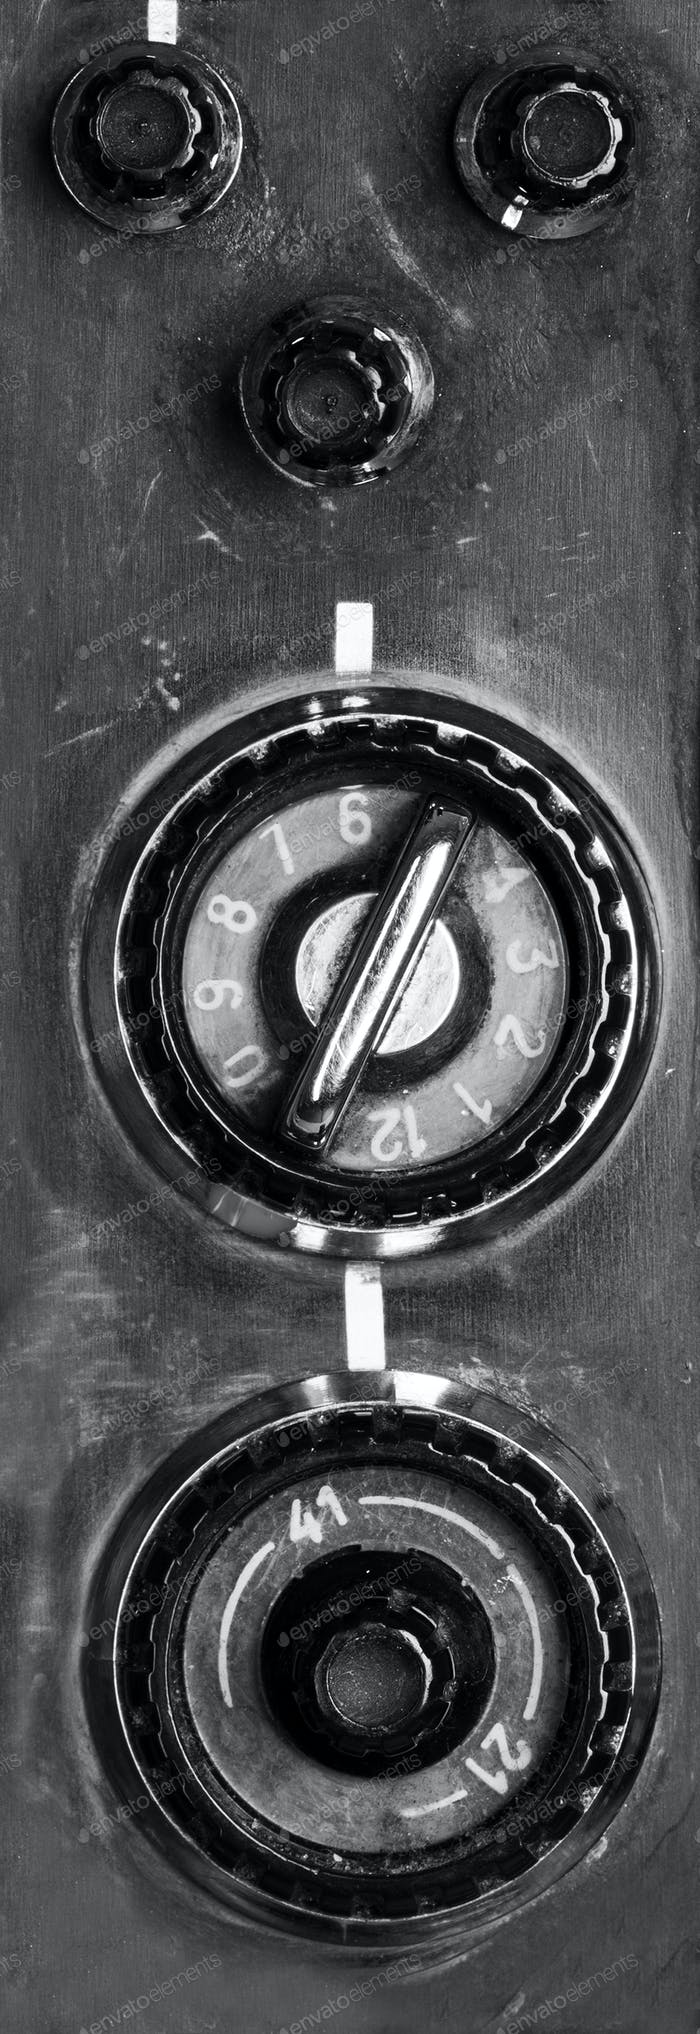 Vintage TV-Steuerung